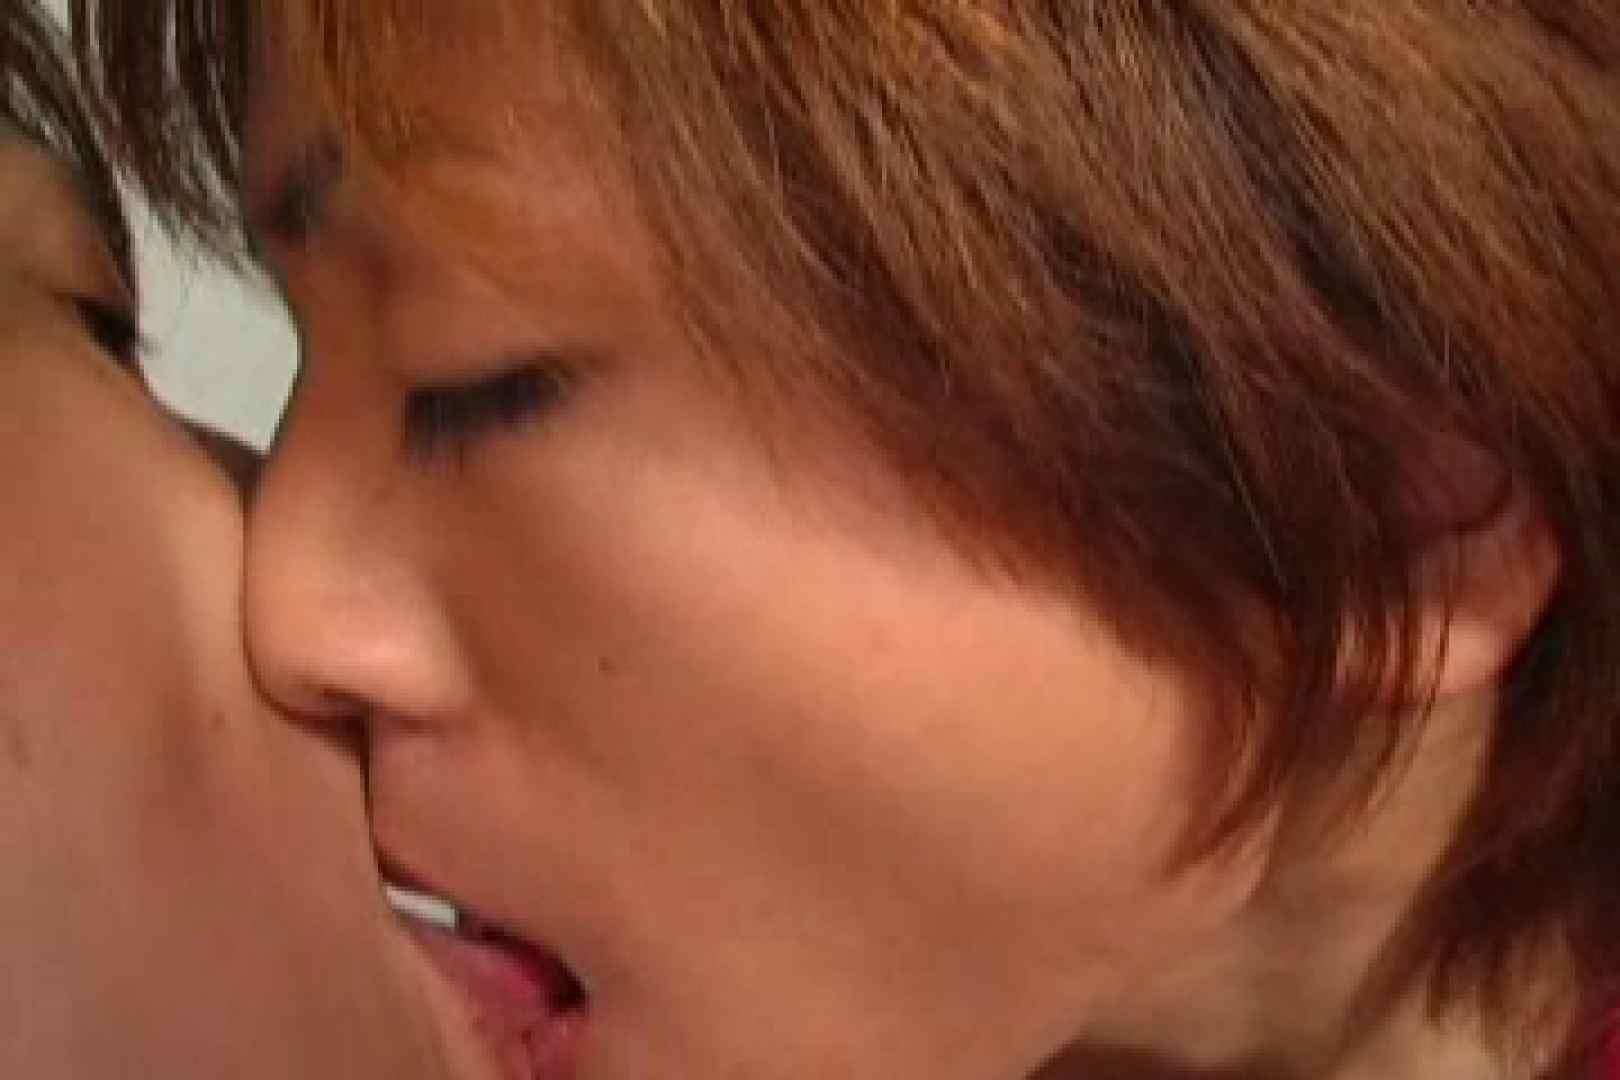 美しいmensは「トロマン」が大好き!!vol.05 スジ筋系男子 ゲイえろ動画紹介 100枚 43